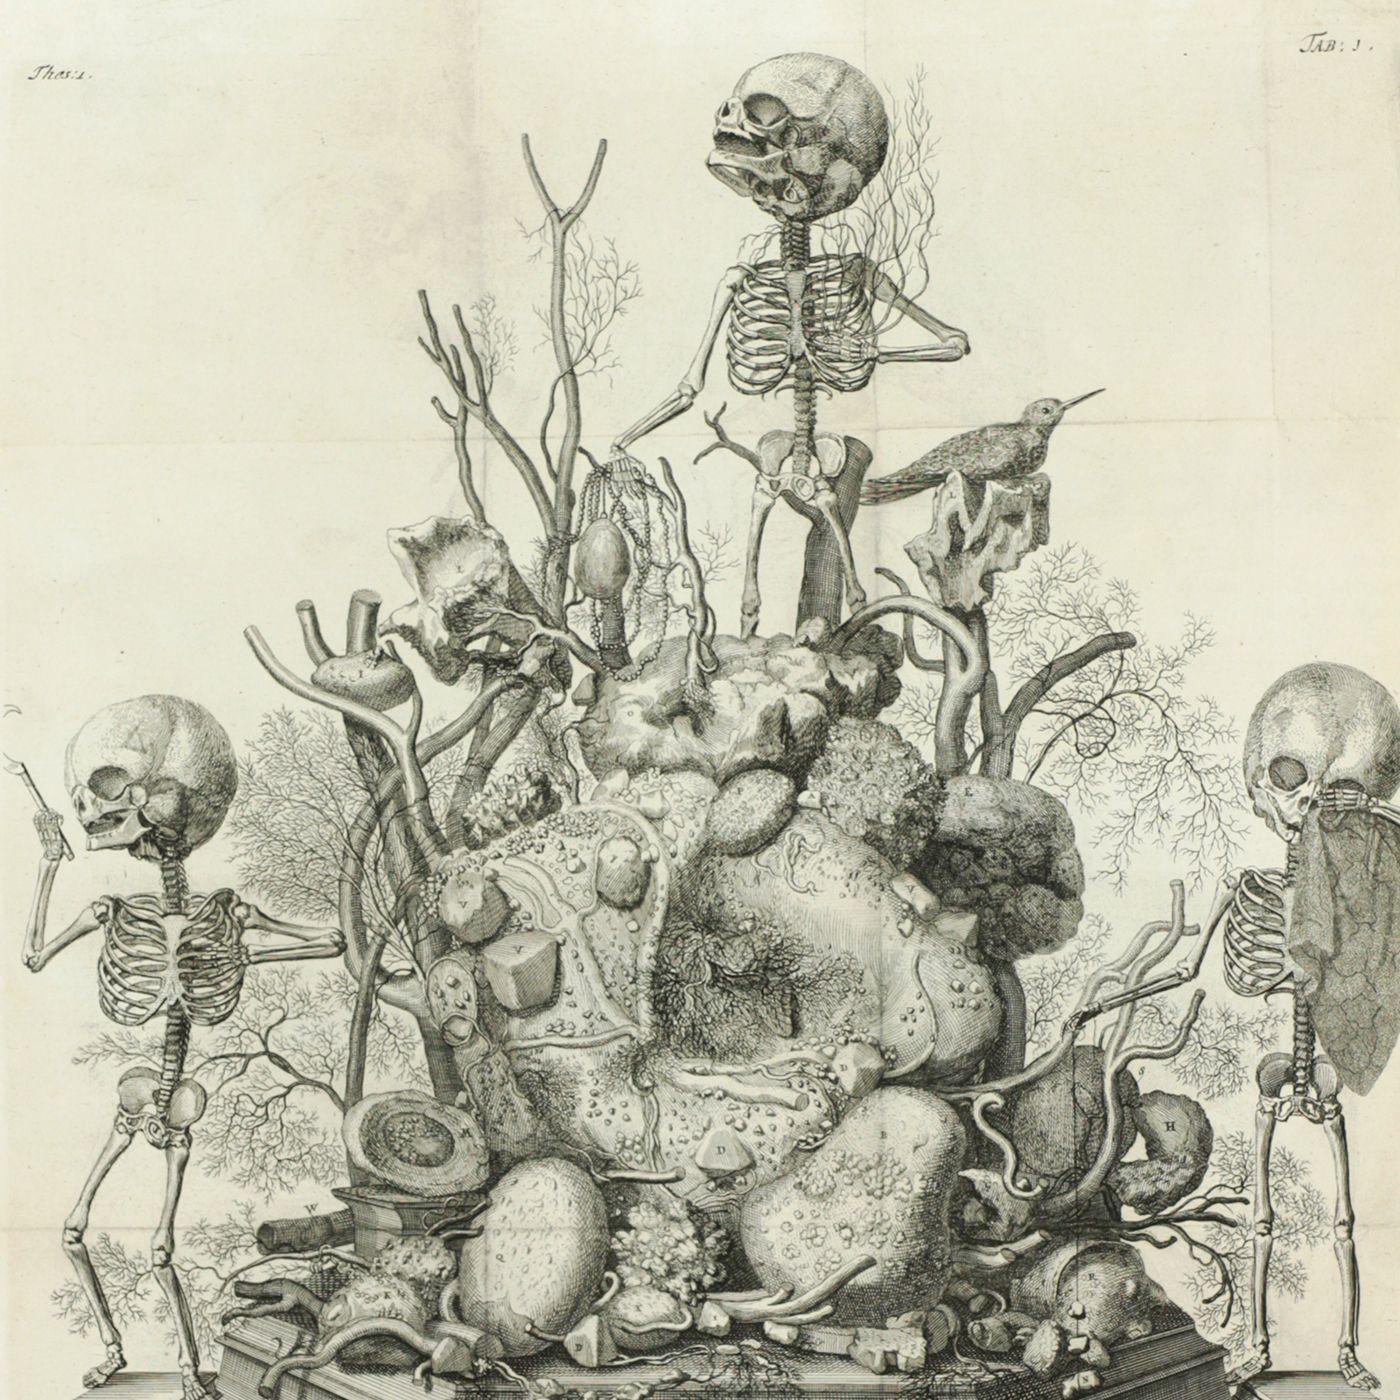 Thesaurus anatomicus primus - decimus; Curae posteriores seu Thesaurus anatomicus omnium praecedentium maximus; Curae renovatae, seu, Thesaurus anatomicus post curas posteriores, novus.